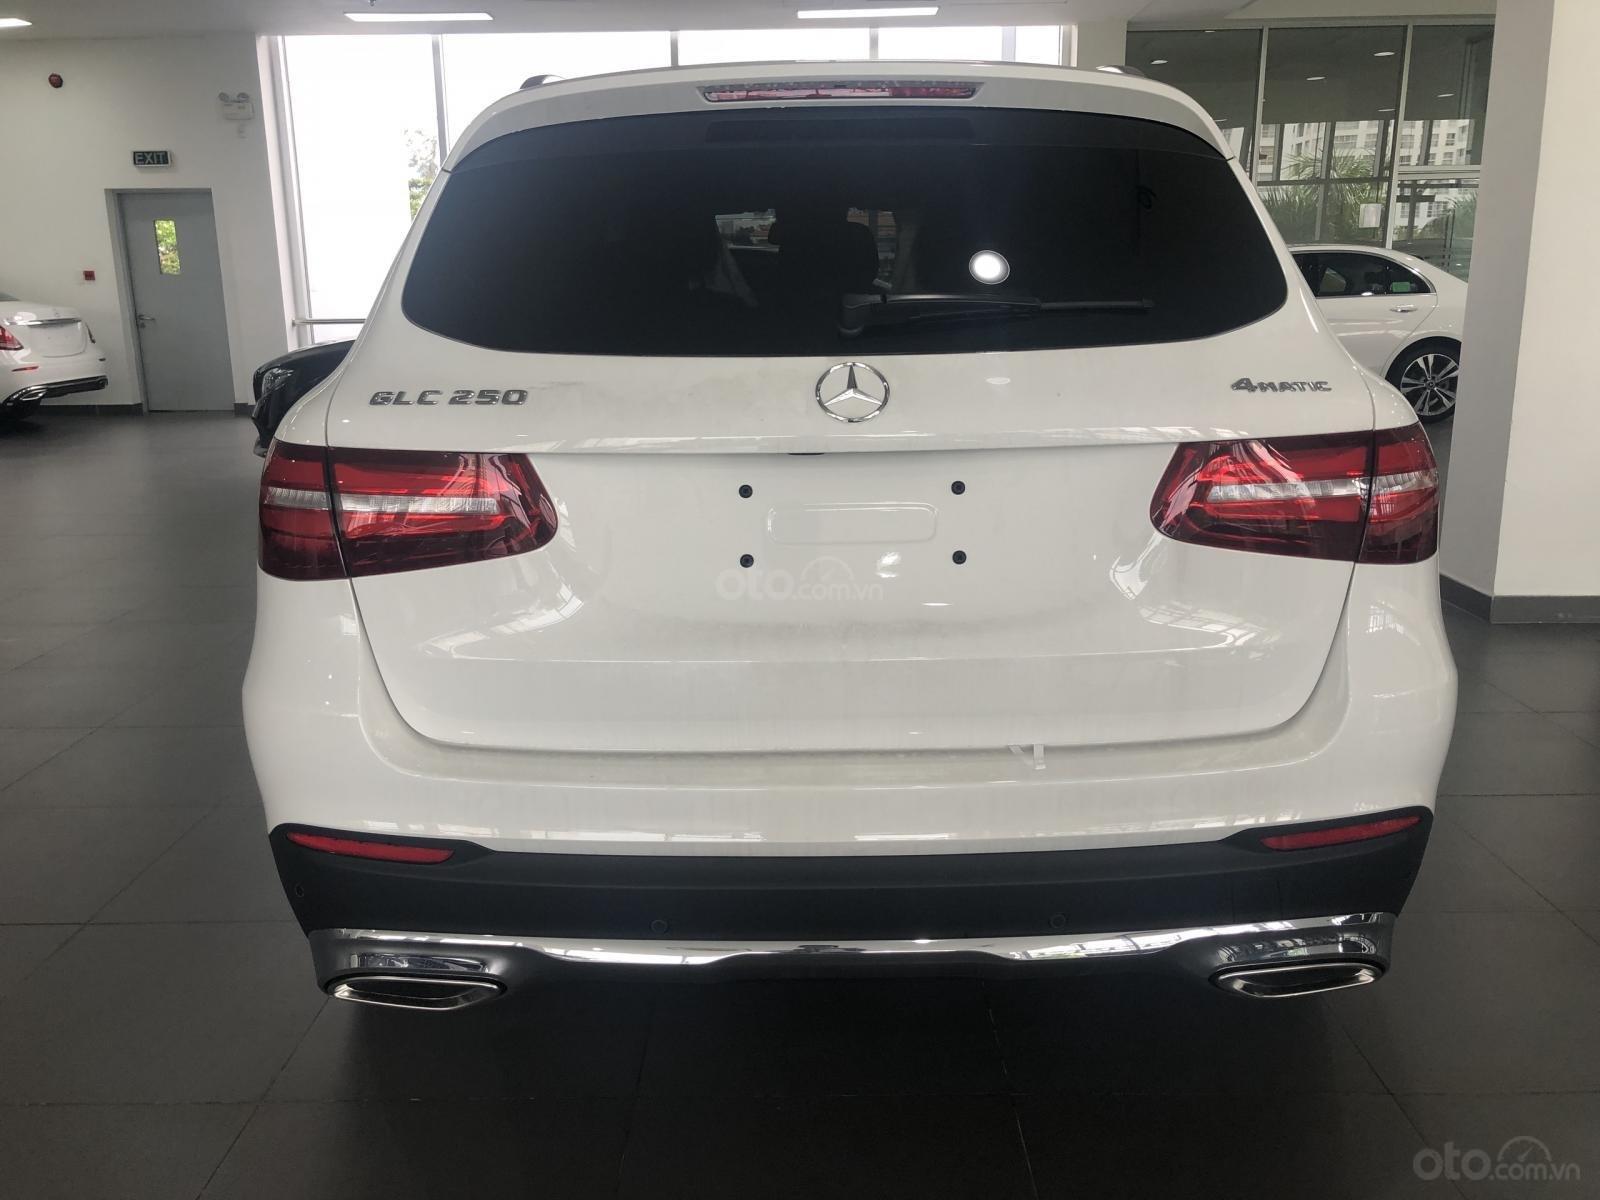 Bán Mercedes GLC250 2019 ưu đãi tốt xe giao ngay tại Mercedes Phú Mỹ Hưng (10)